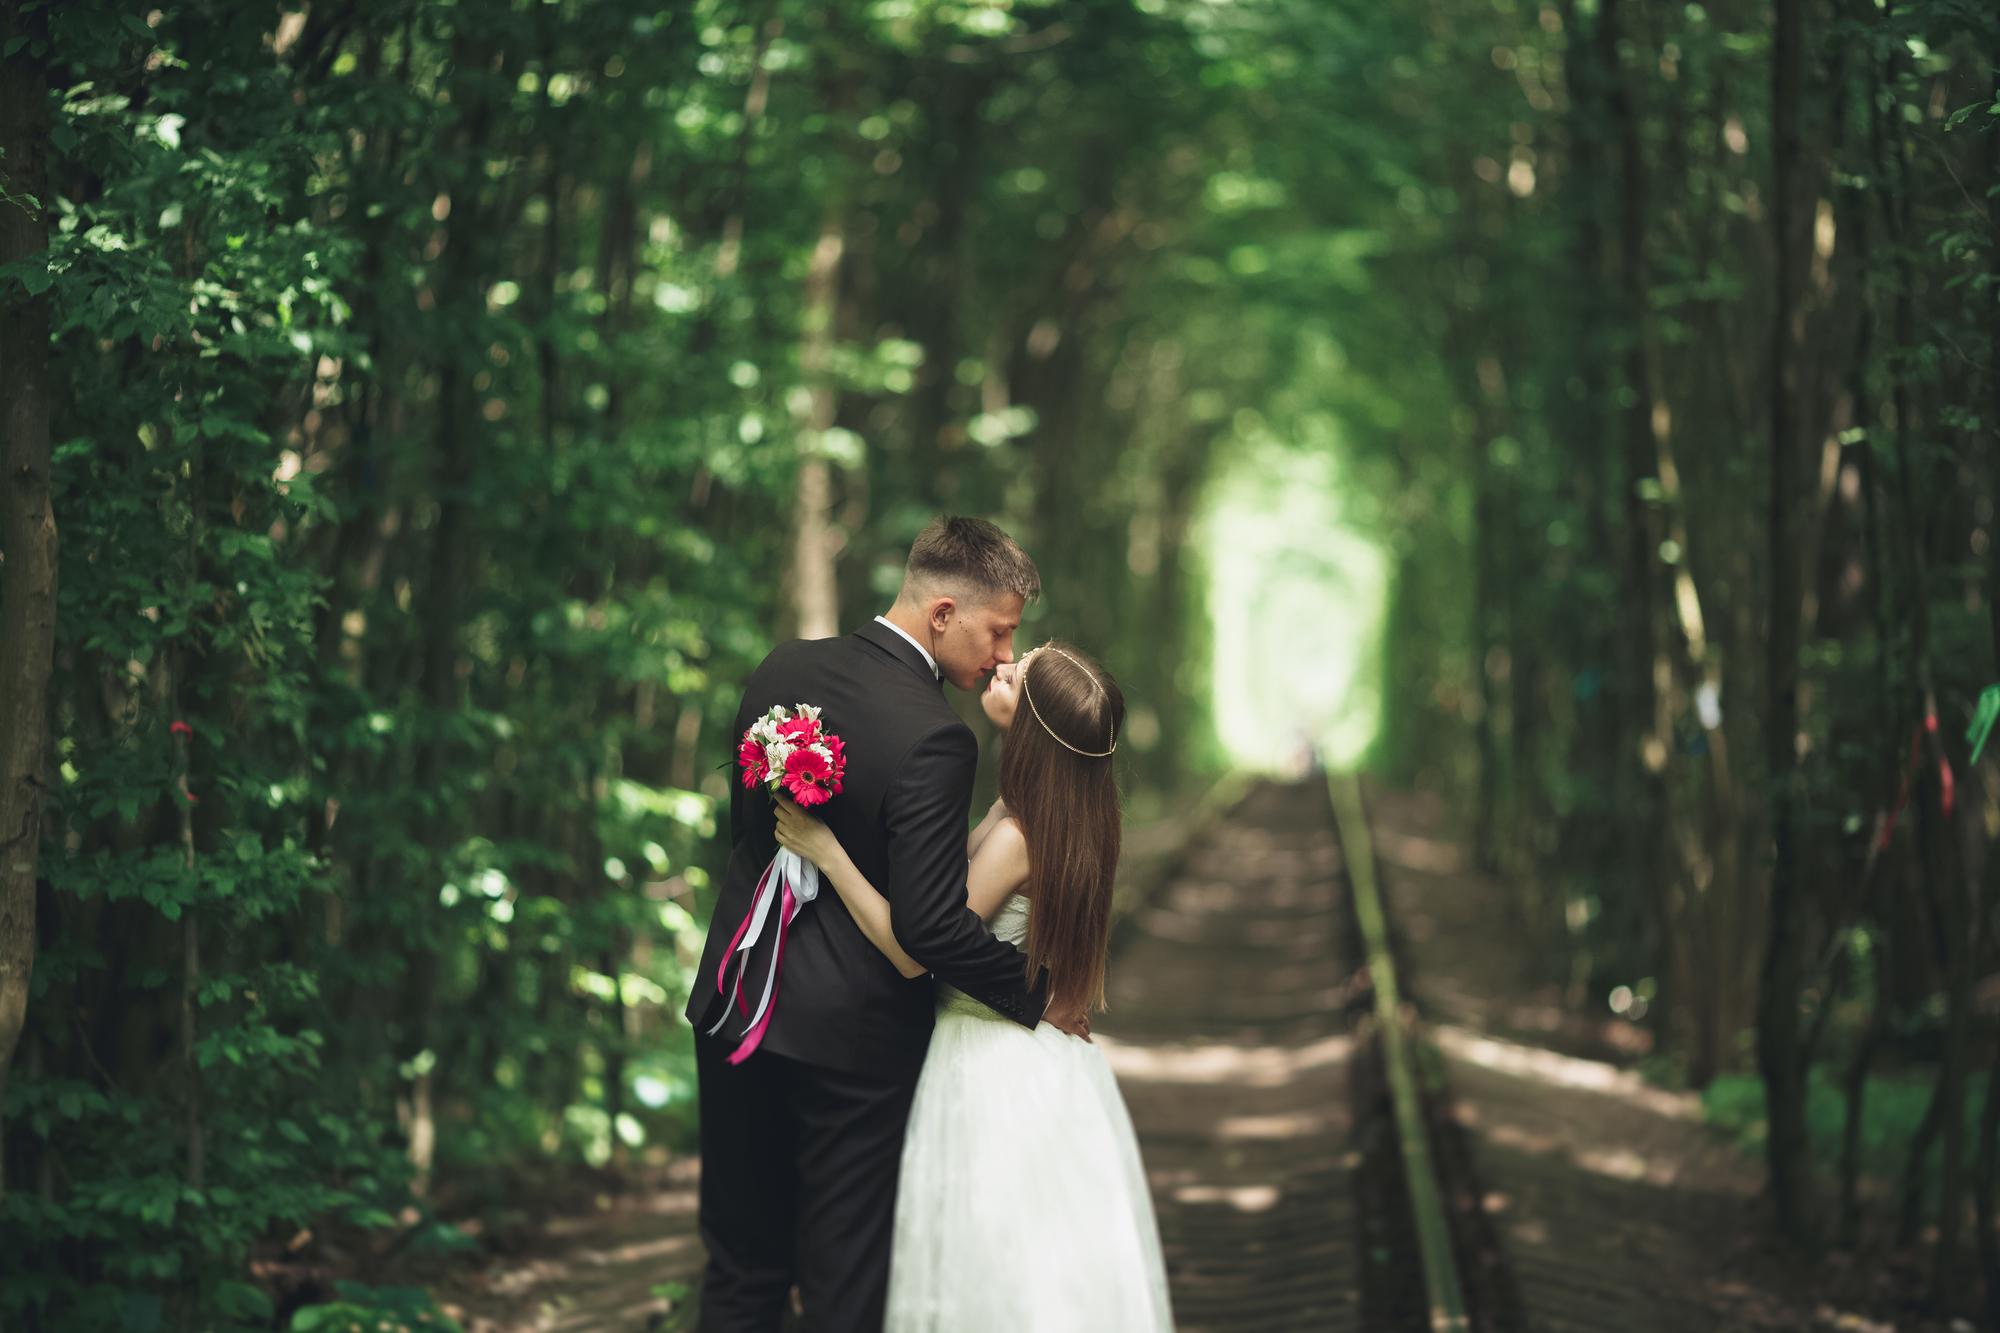 結婚を前提に付き合う!どんな交際が求められるの?